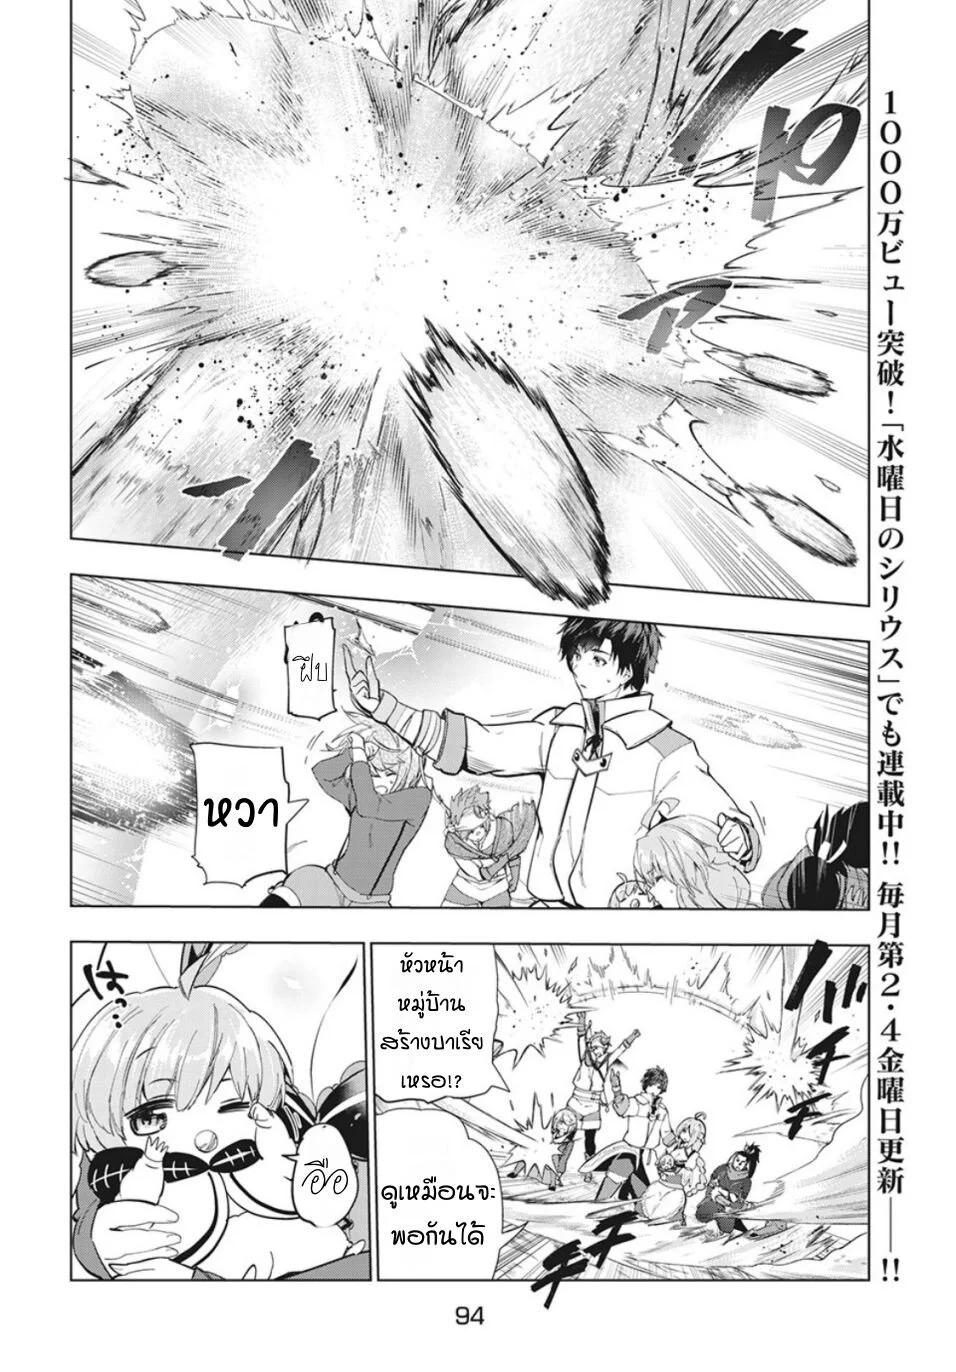 อ่านการ์ตูน Kaiko sareta Ankoku Heishi (30-dai) no Slow na Second ตอนที่ 20 หน้าที่ 11